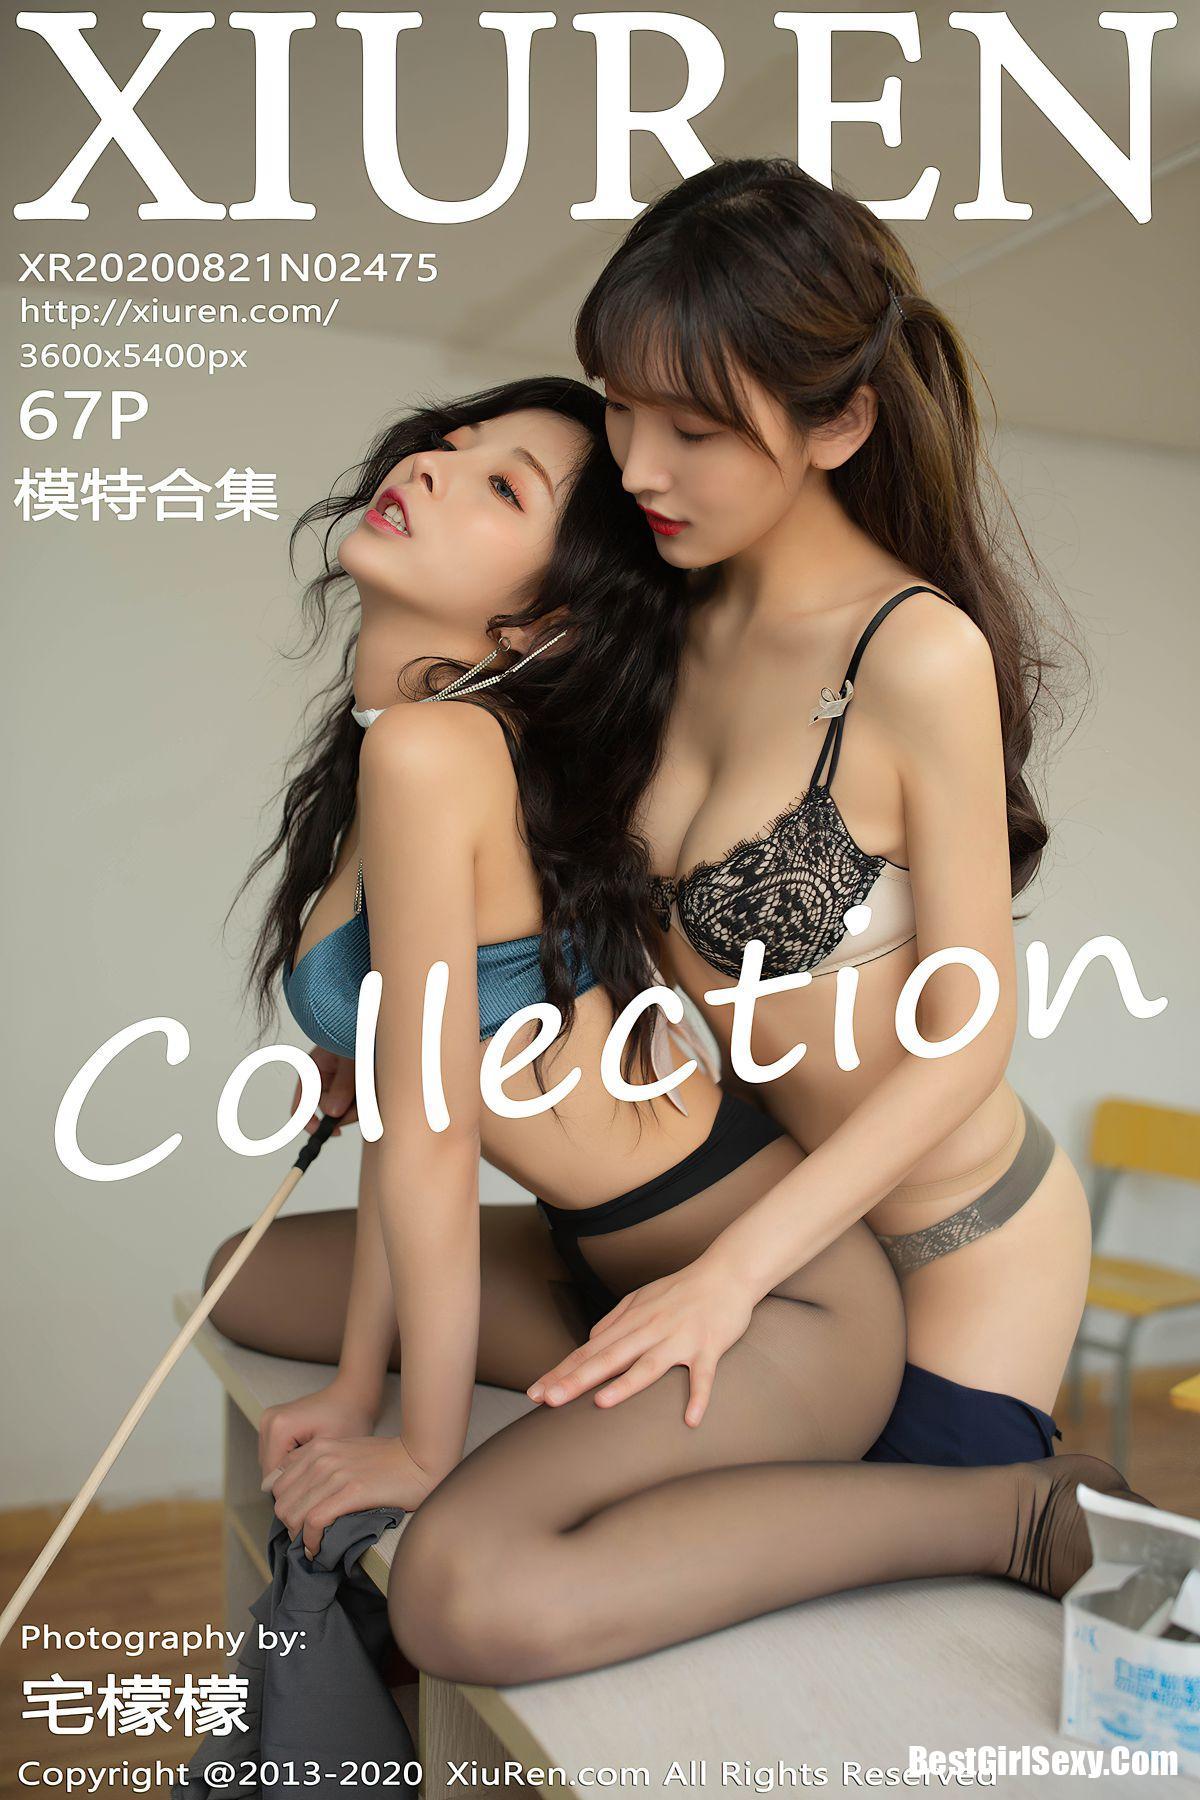 XiuRen秀人网 Vol.2475 Model Collection